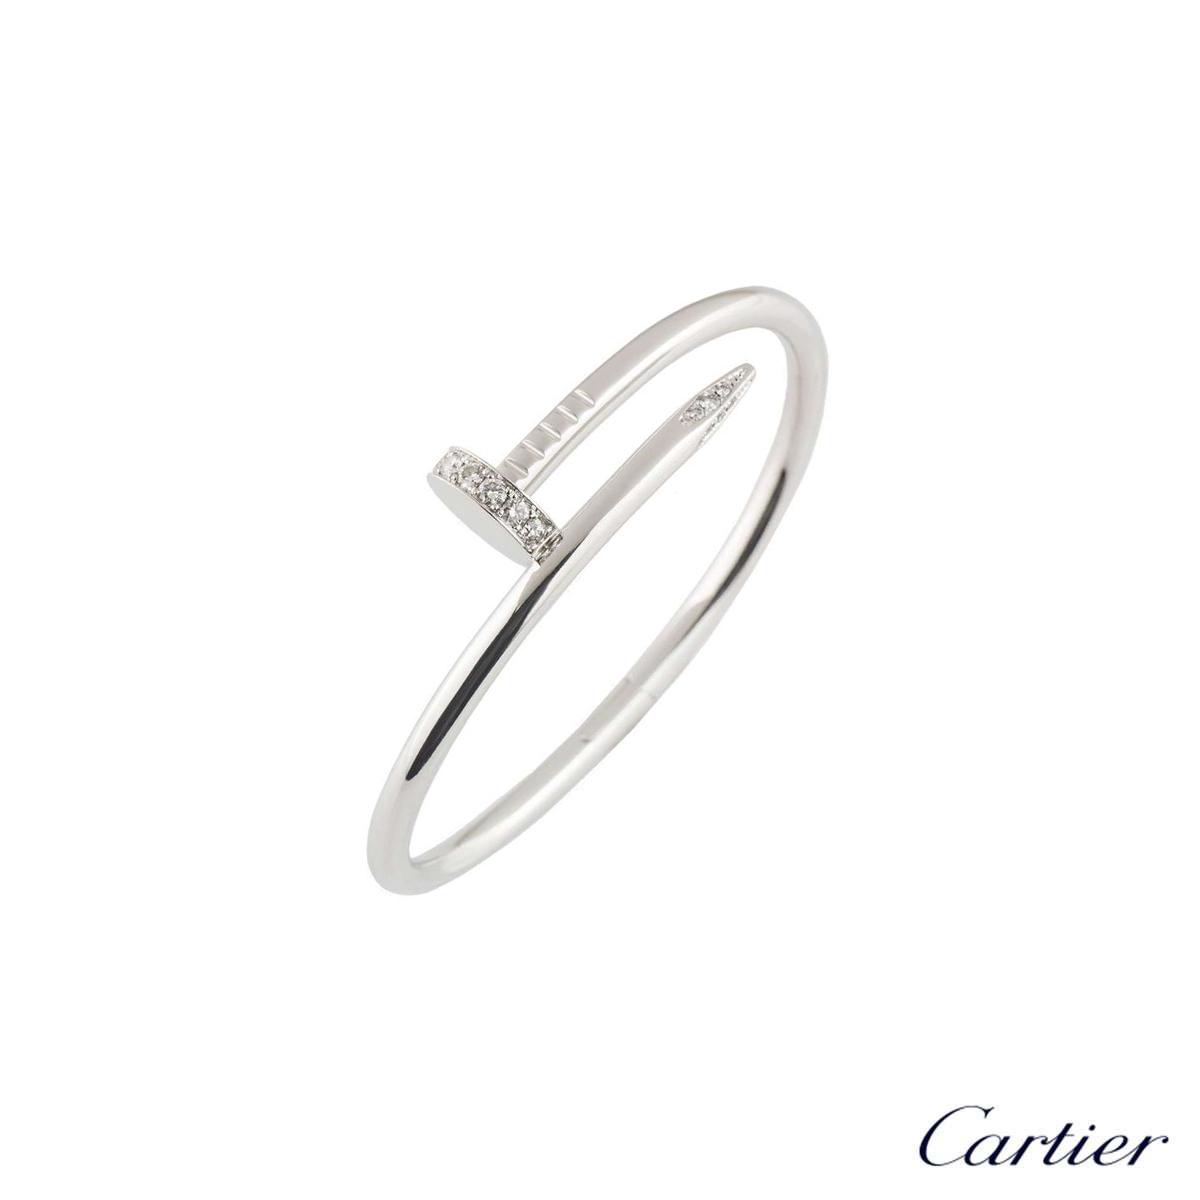 Cartier White Gold Diamond Juste Un Clou Bracelet Size 16 B6037916